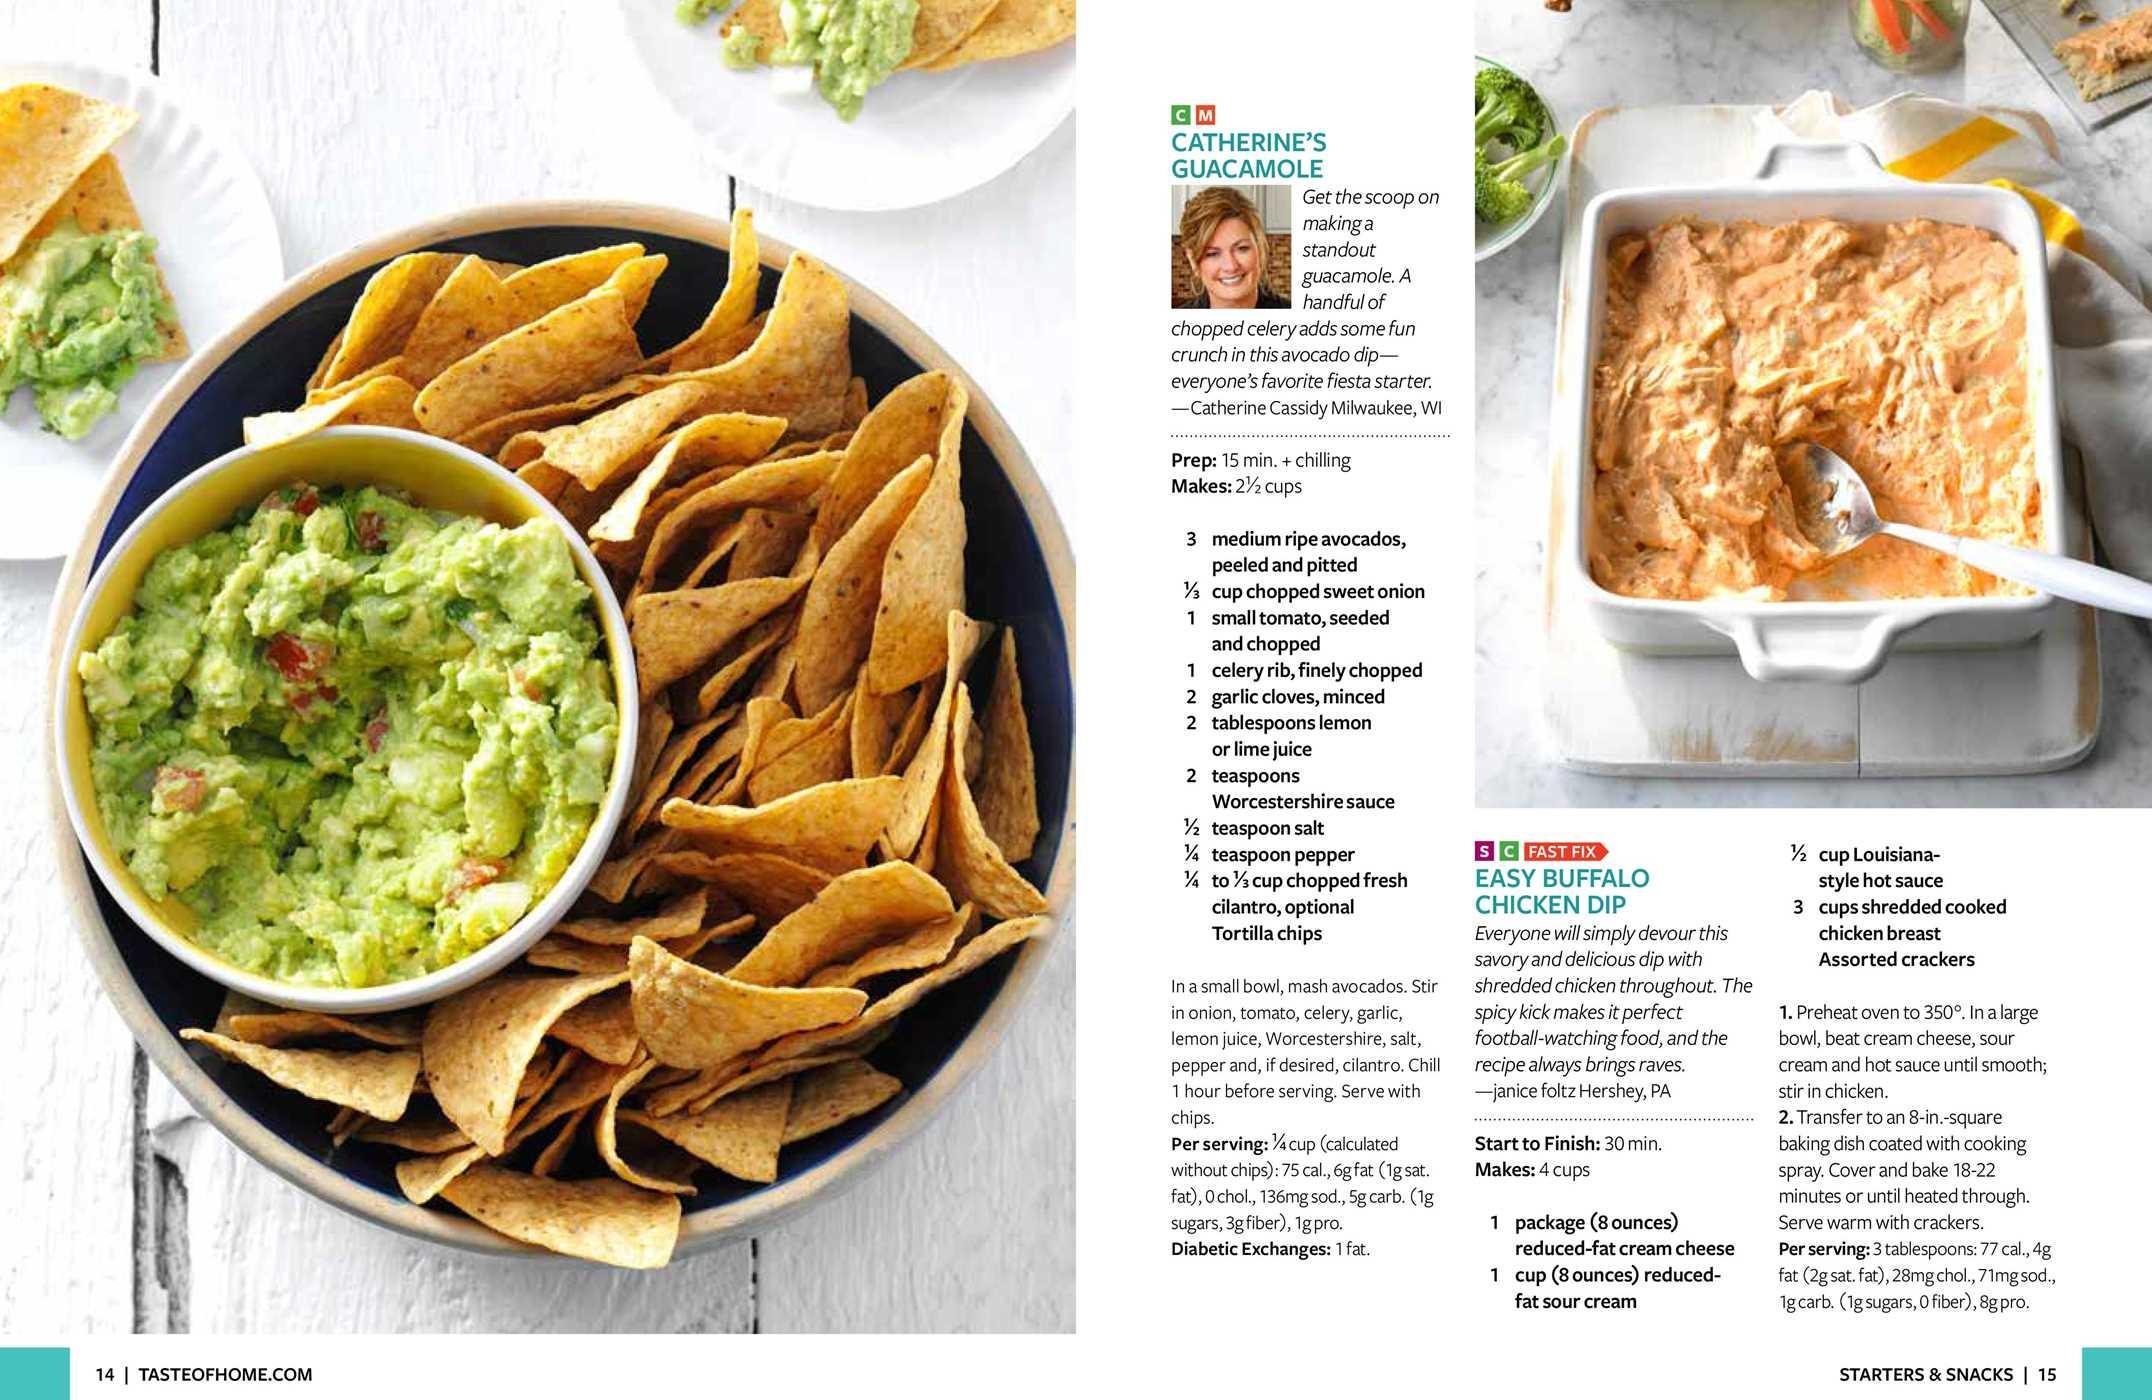 Taste of home simply healthy cookbook 9781617657191.in06